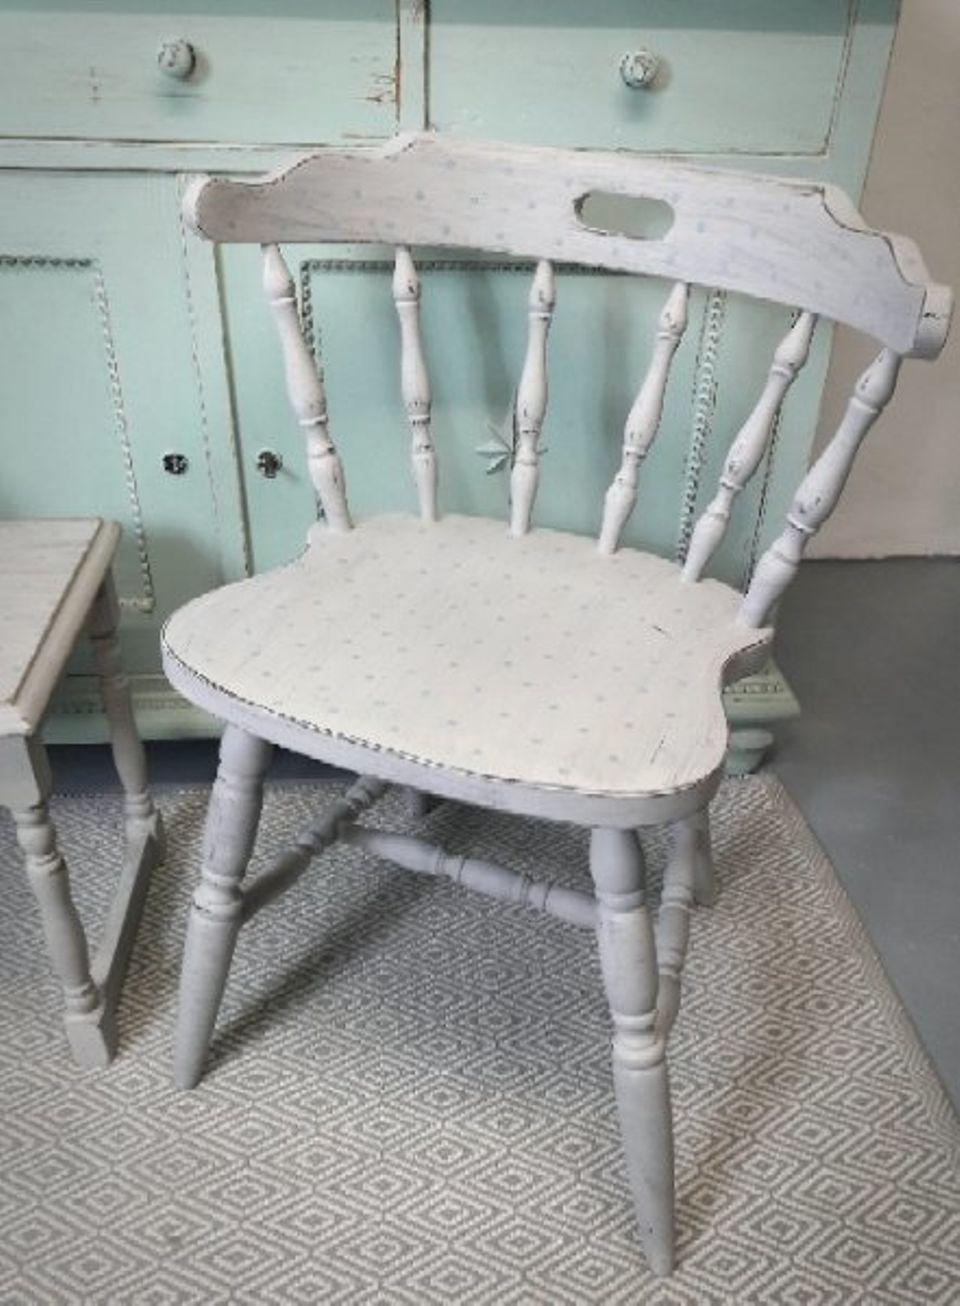 Stilmobel Bauernmobel Stuhl Tisch Beistelltisch Shabby Chic